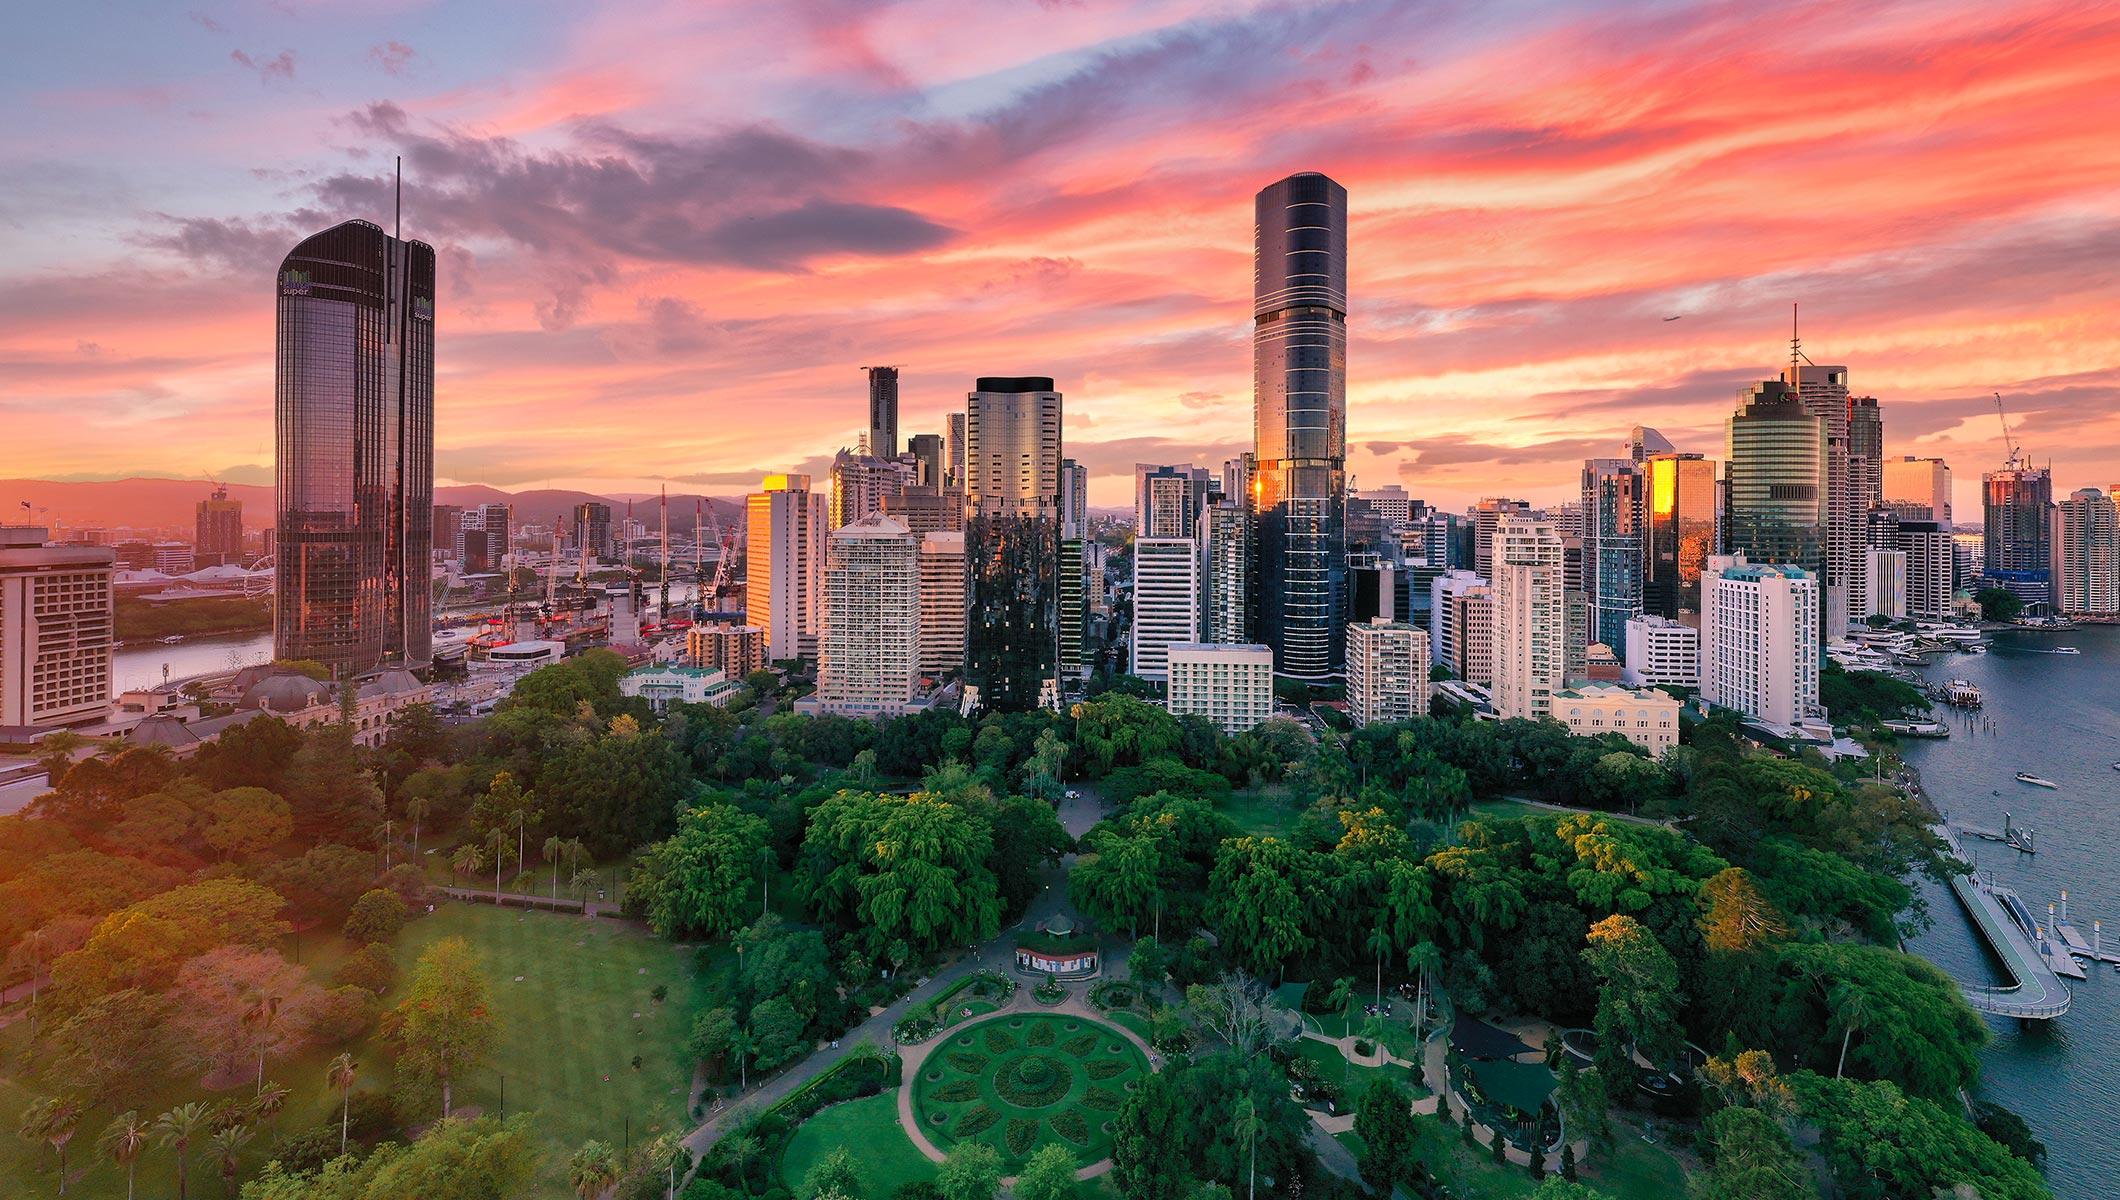 सन् २०३२ को ओलम्पिक खेलहरु अष्ट्रेलियाको शहर ब्रिस्बेनमा आयोजना हुने